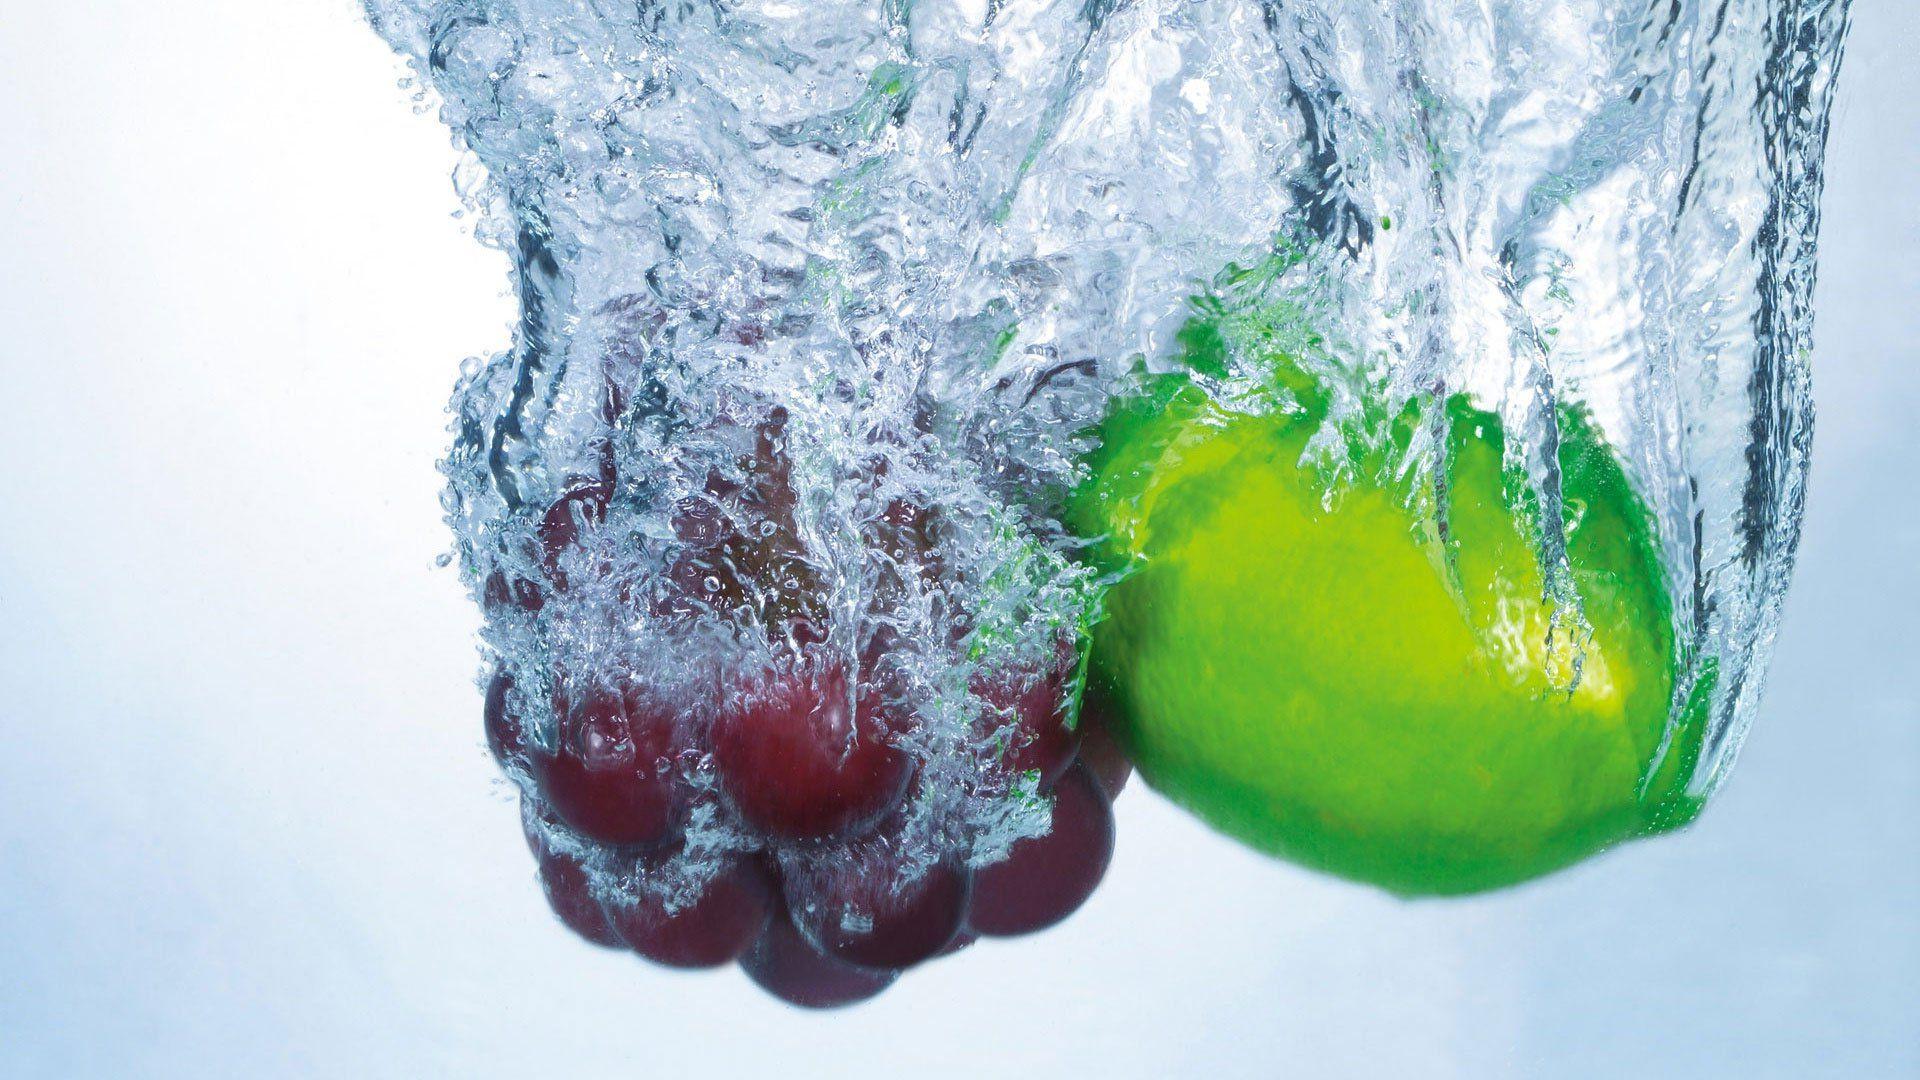 картинки водой красивые фрукты с